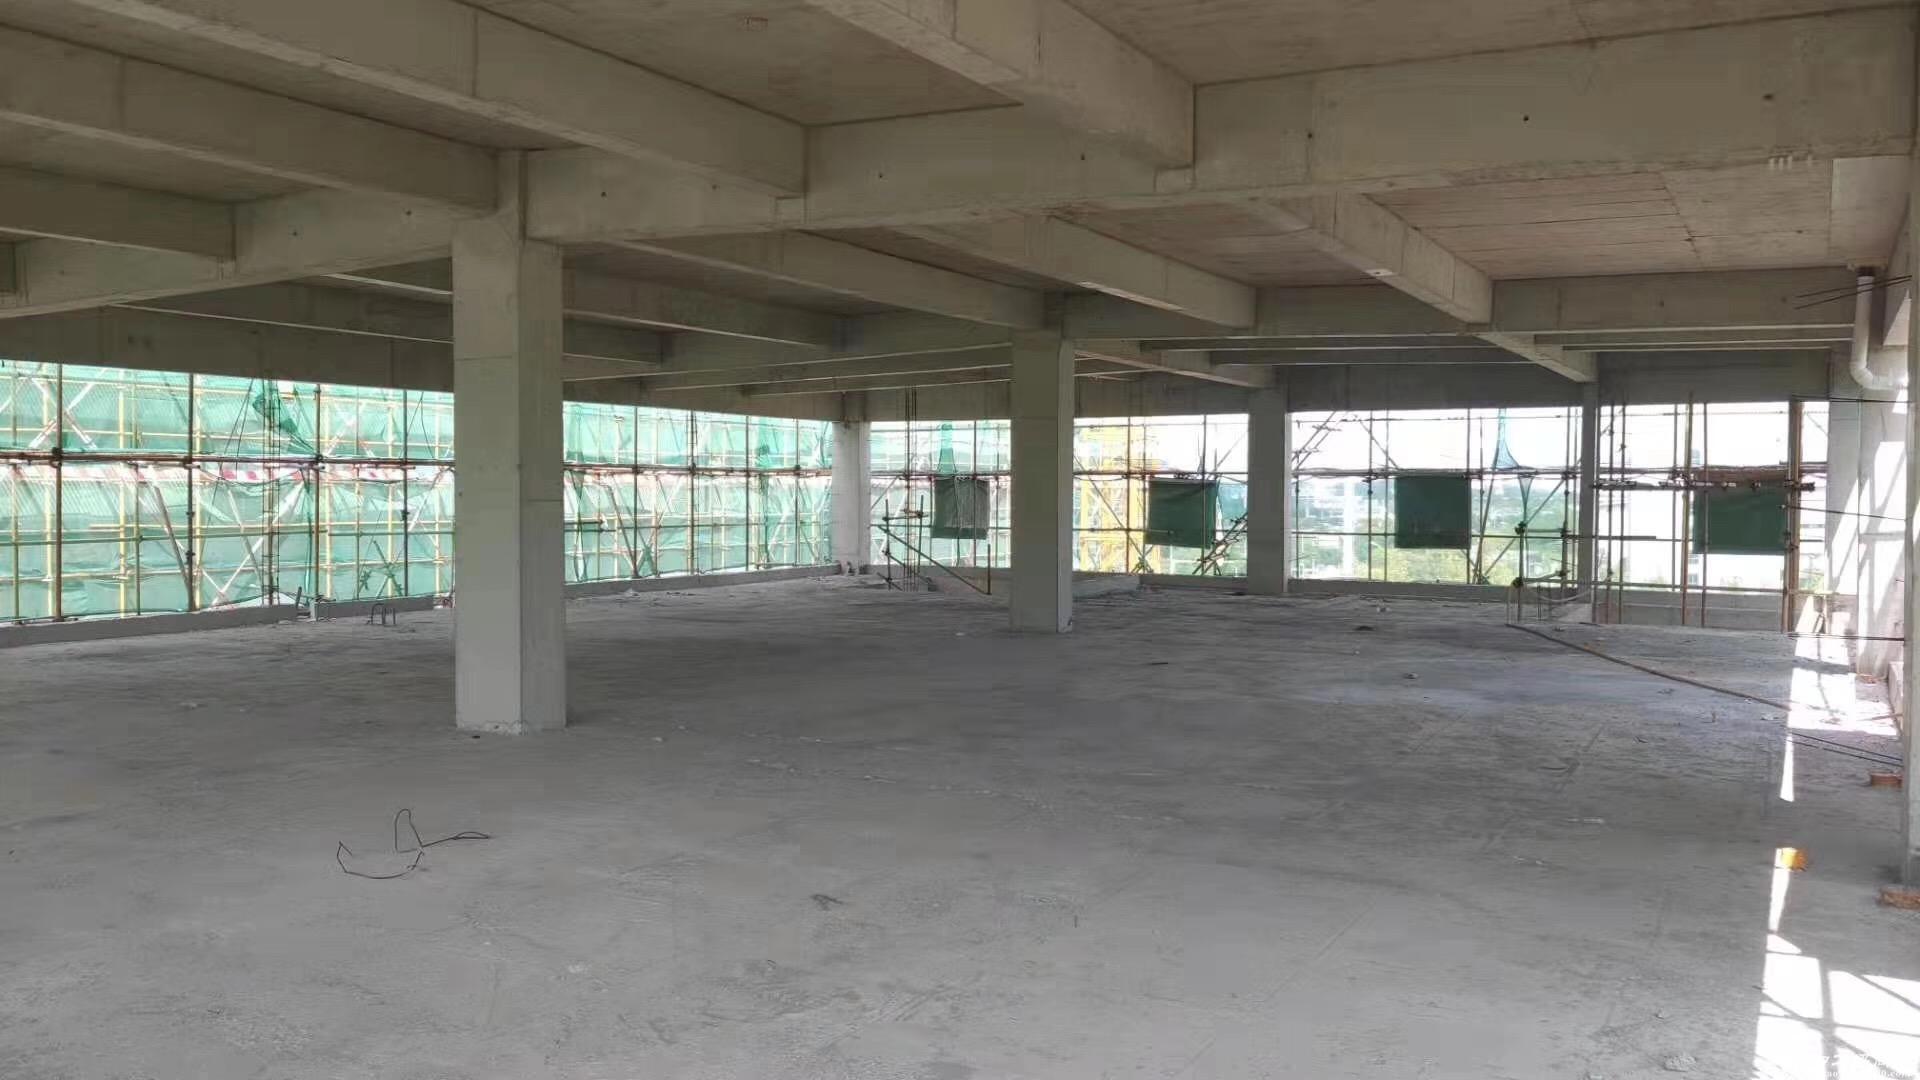 长沙高新区标准厂房 准现房 有预留车位